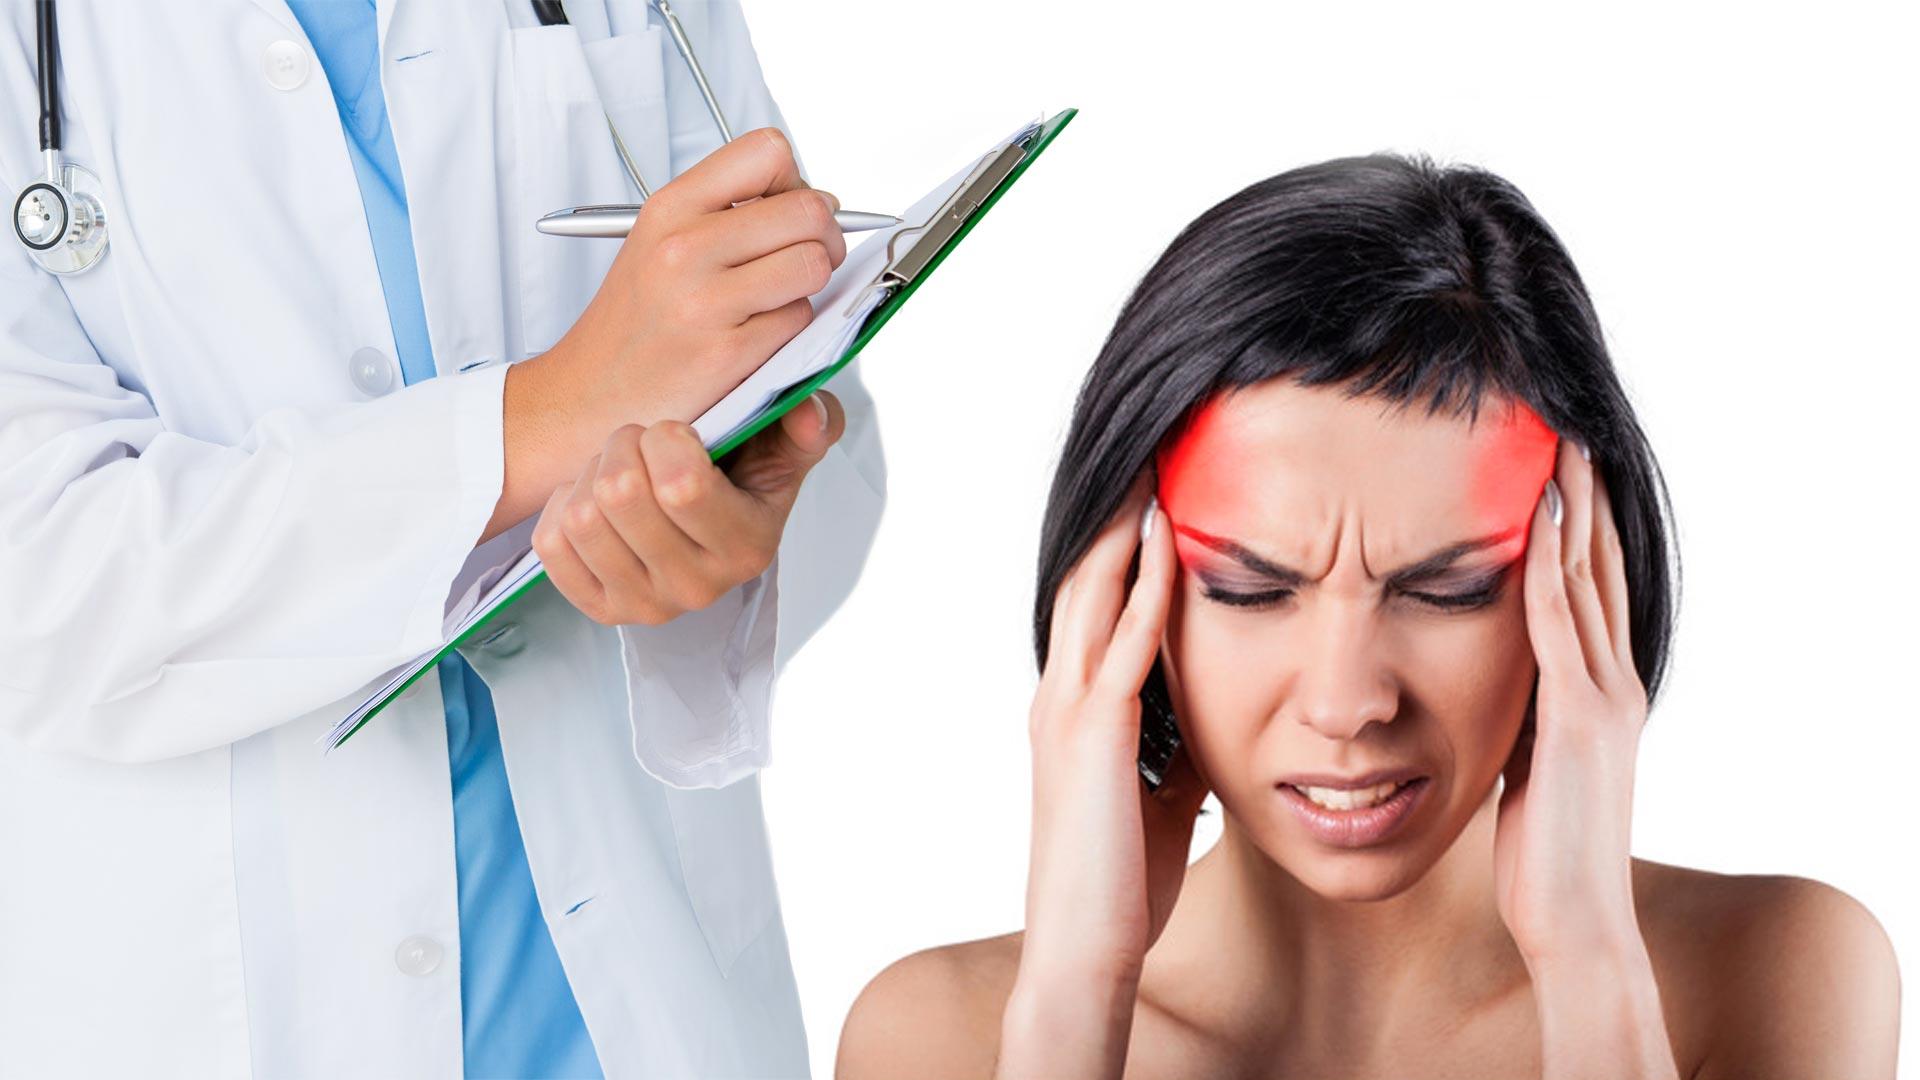 Сильная головная боль в области лба и глаз: лечение и причины